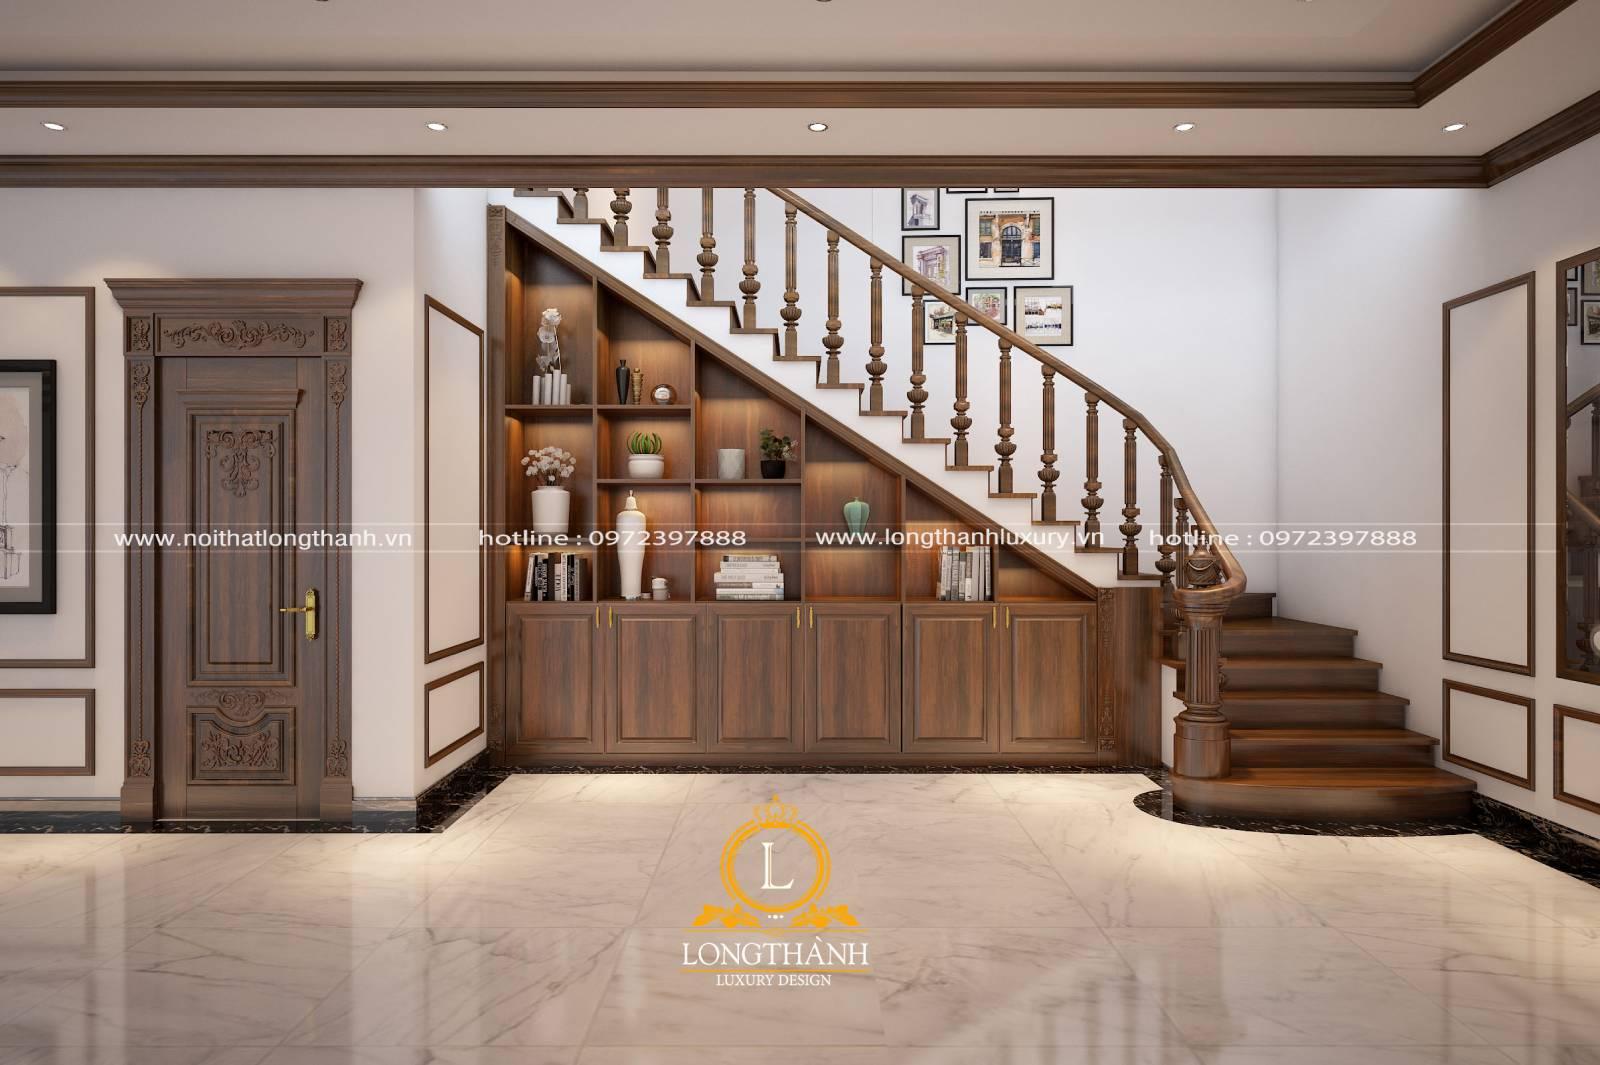 Cầu thang bằng gỗ tự nhiên sang trọng